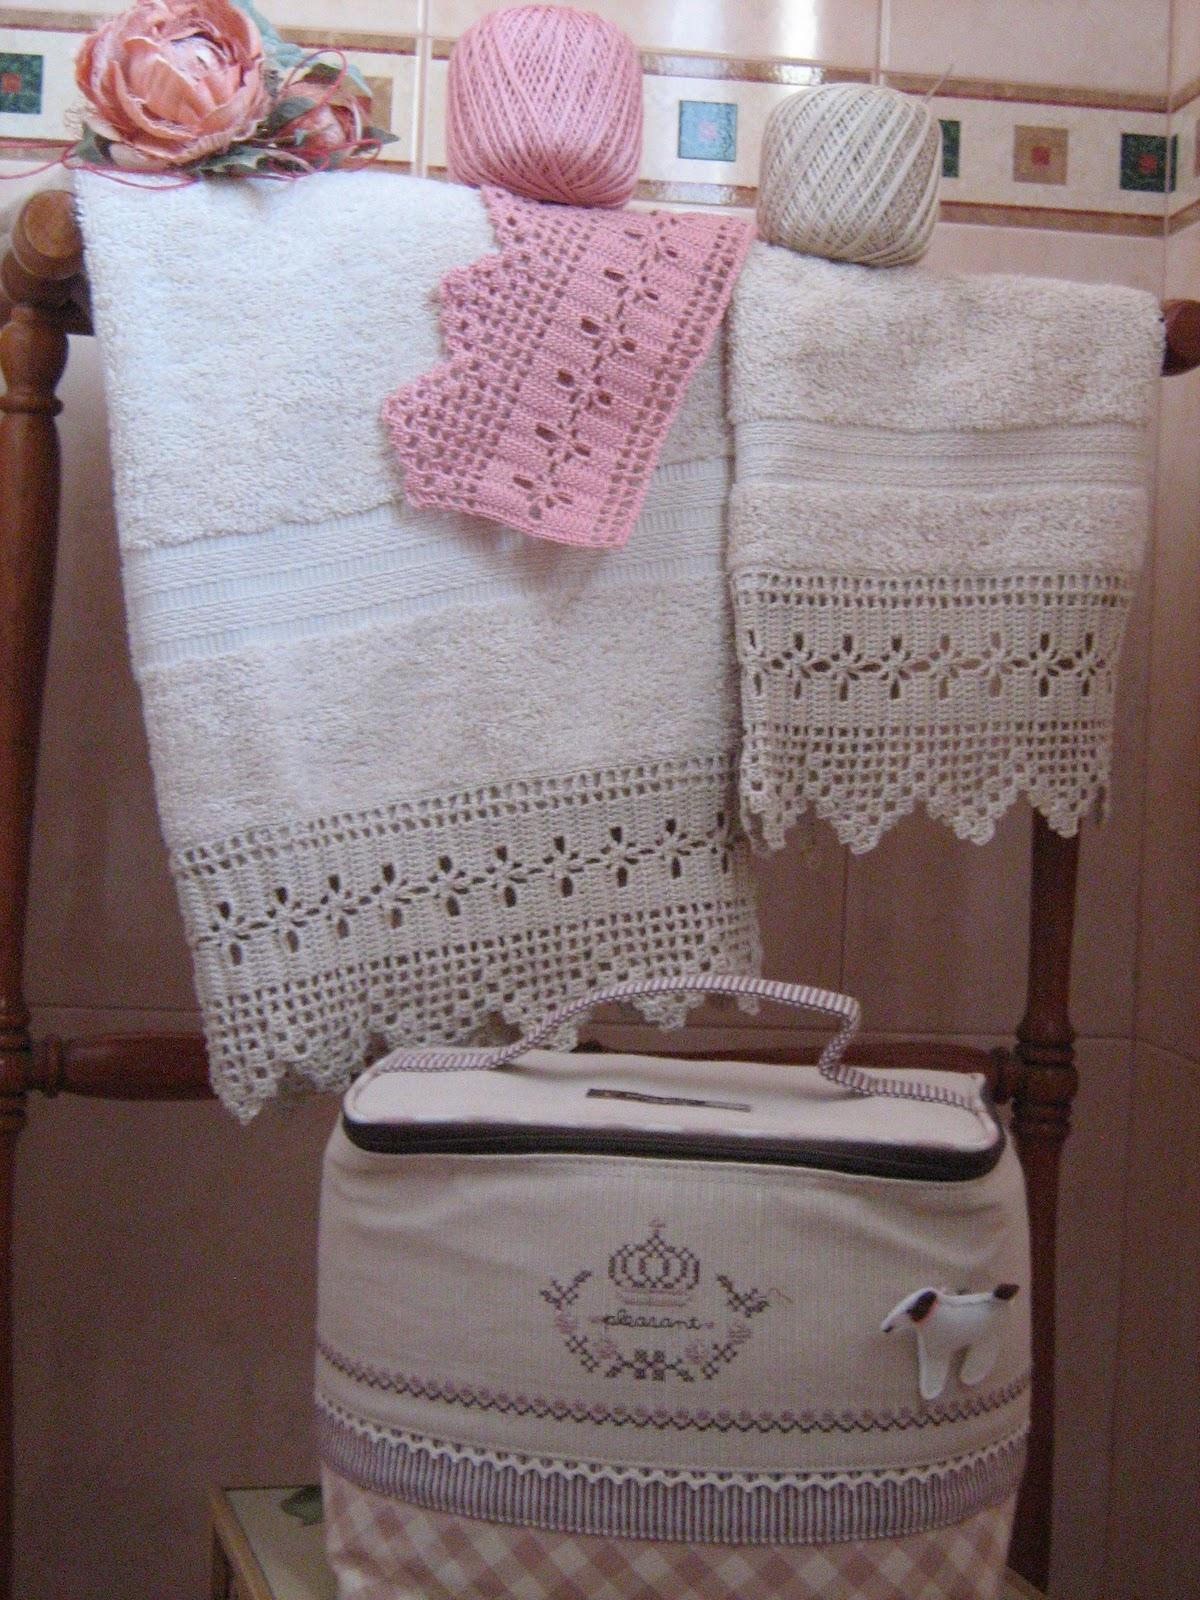 Semplicemente ketti asciugamani con bordure for Schemi bordi uncinetto per asciugamani